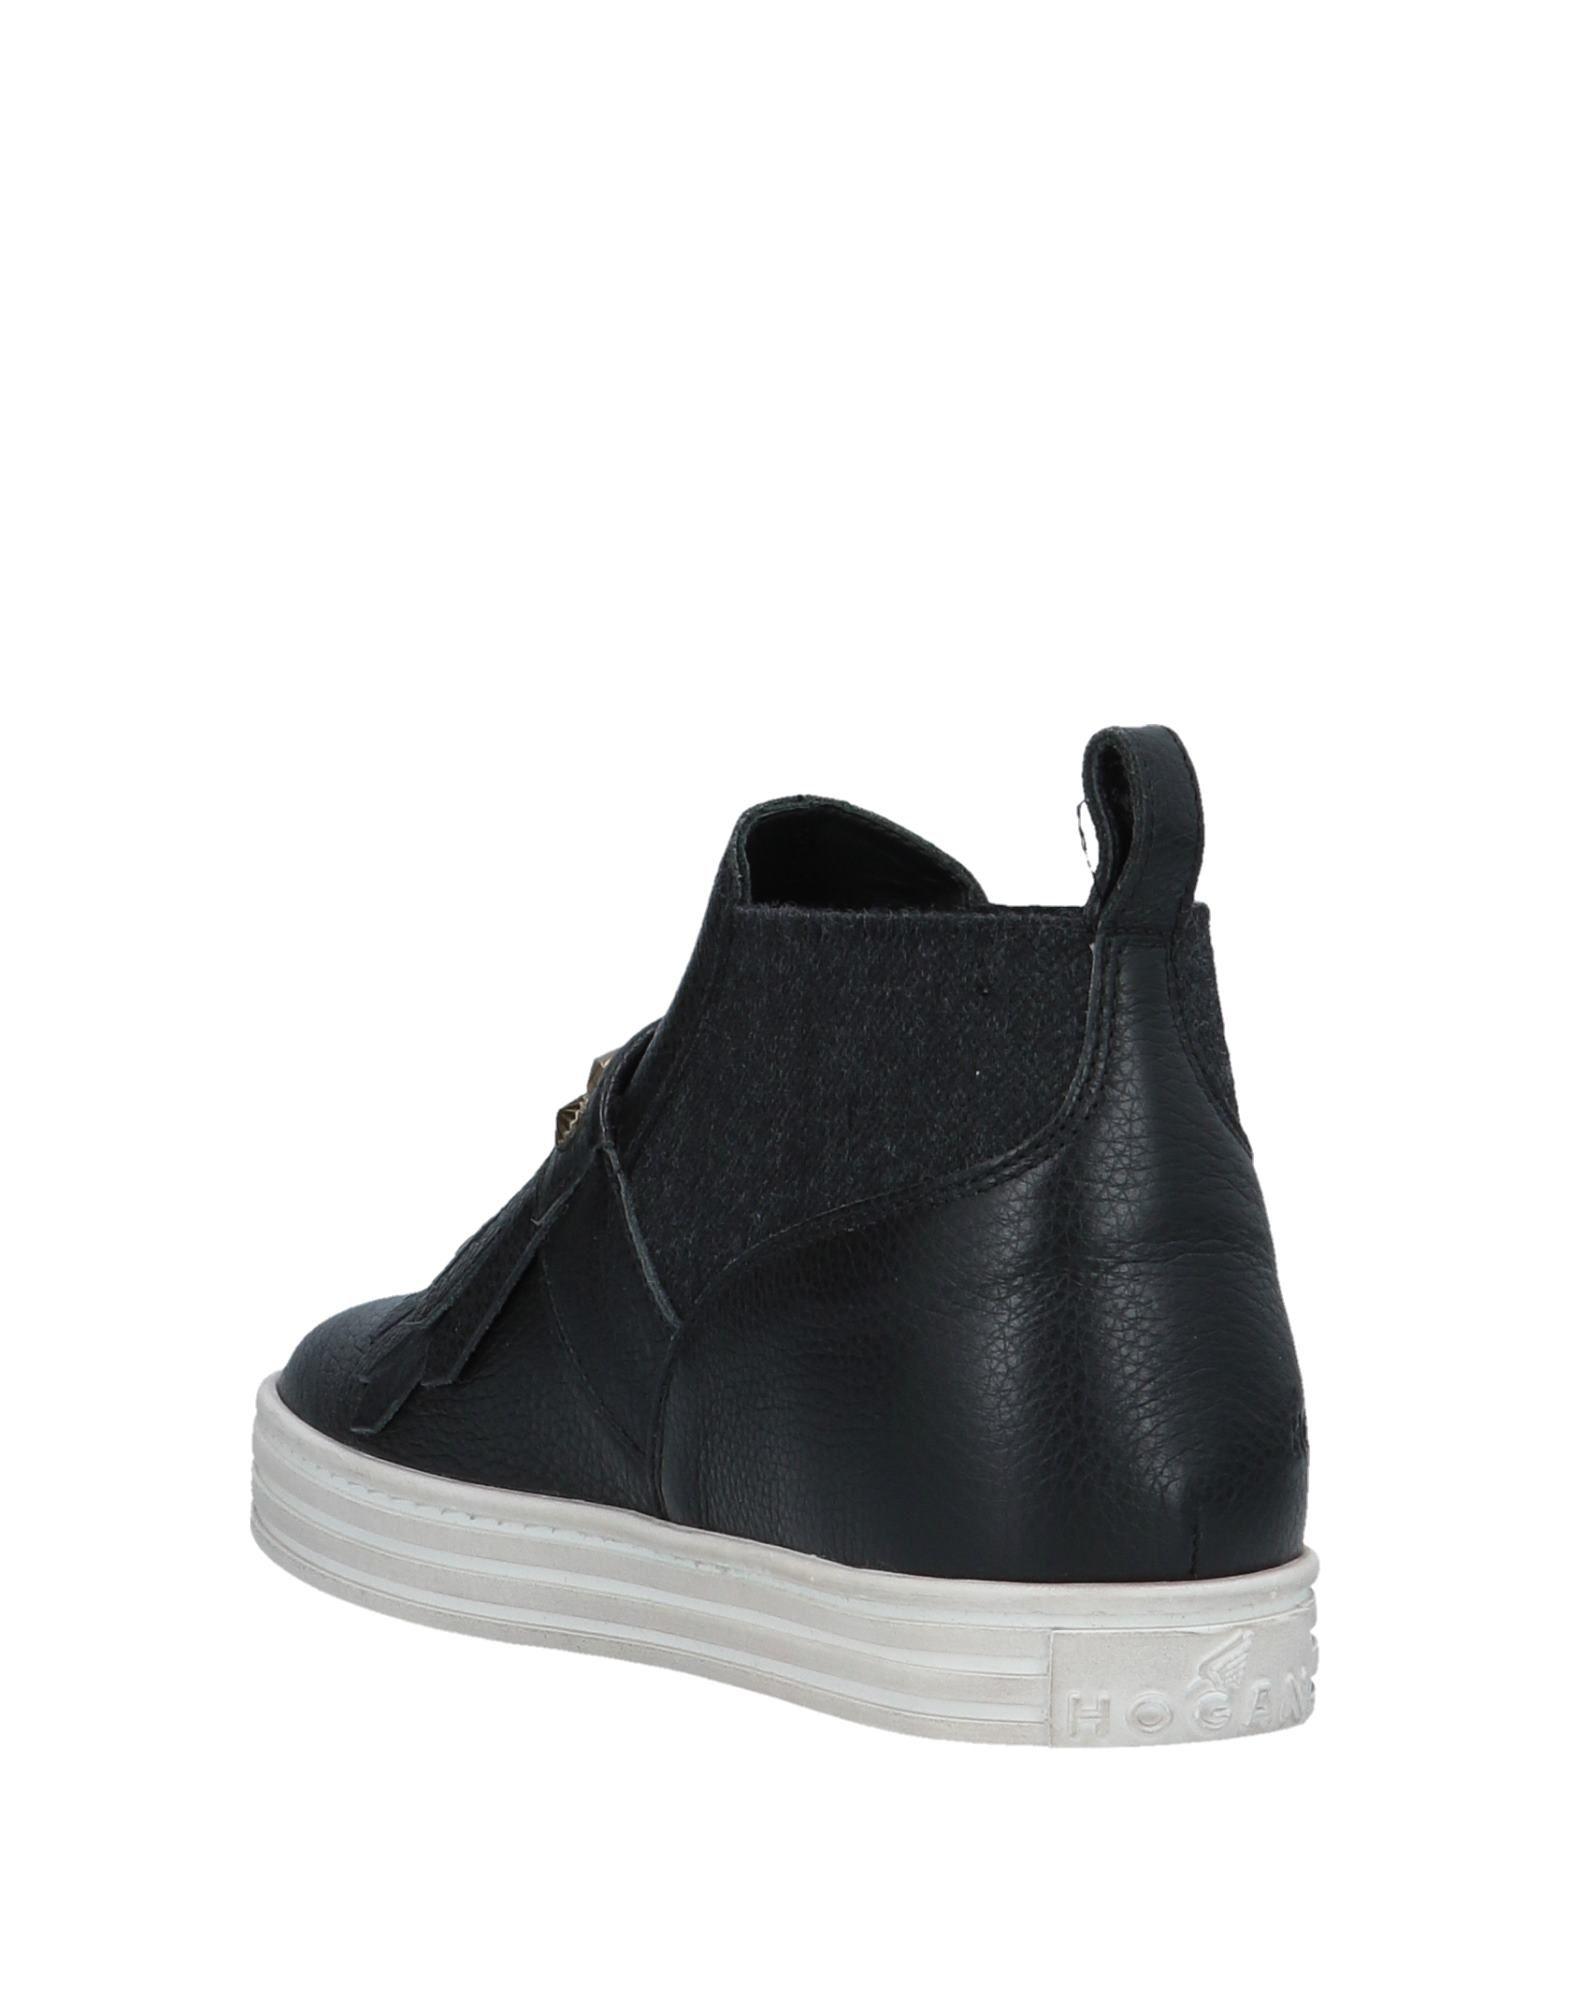 Hogan Rebel Stiefelette Damen  11536850CK Neue Schuhe Schuhe Schuhe f6963c